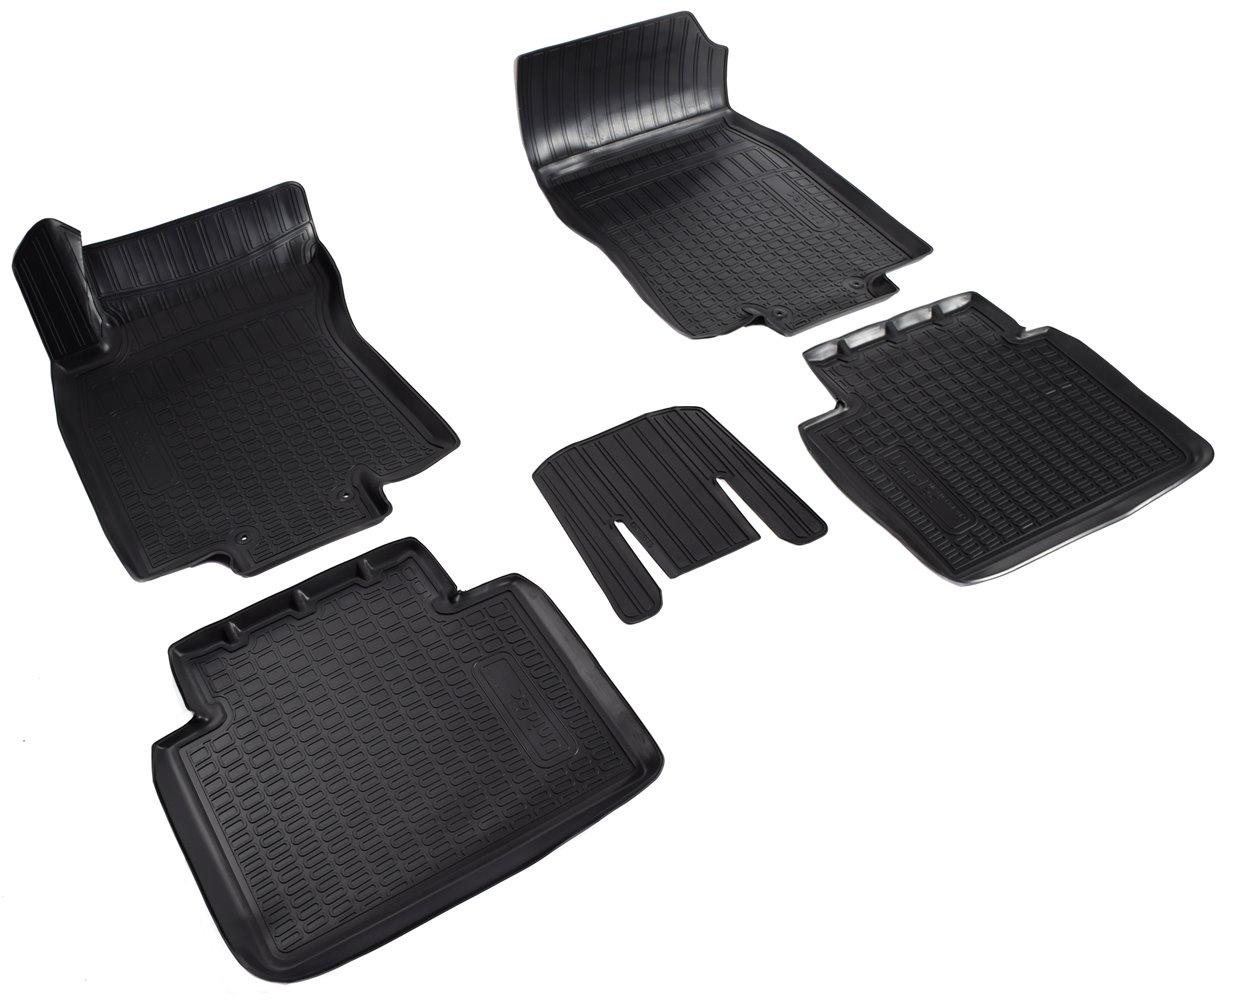 Коврики в салон автомобиля Norplast для Nissan X-Trail (T32) 3D (2015), NPA11-C61-812, черный комплект ковриков в салон автомобиля klever nissan x trail 2014 econom